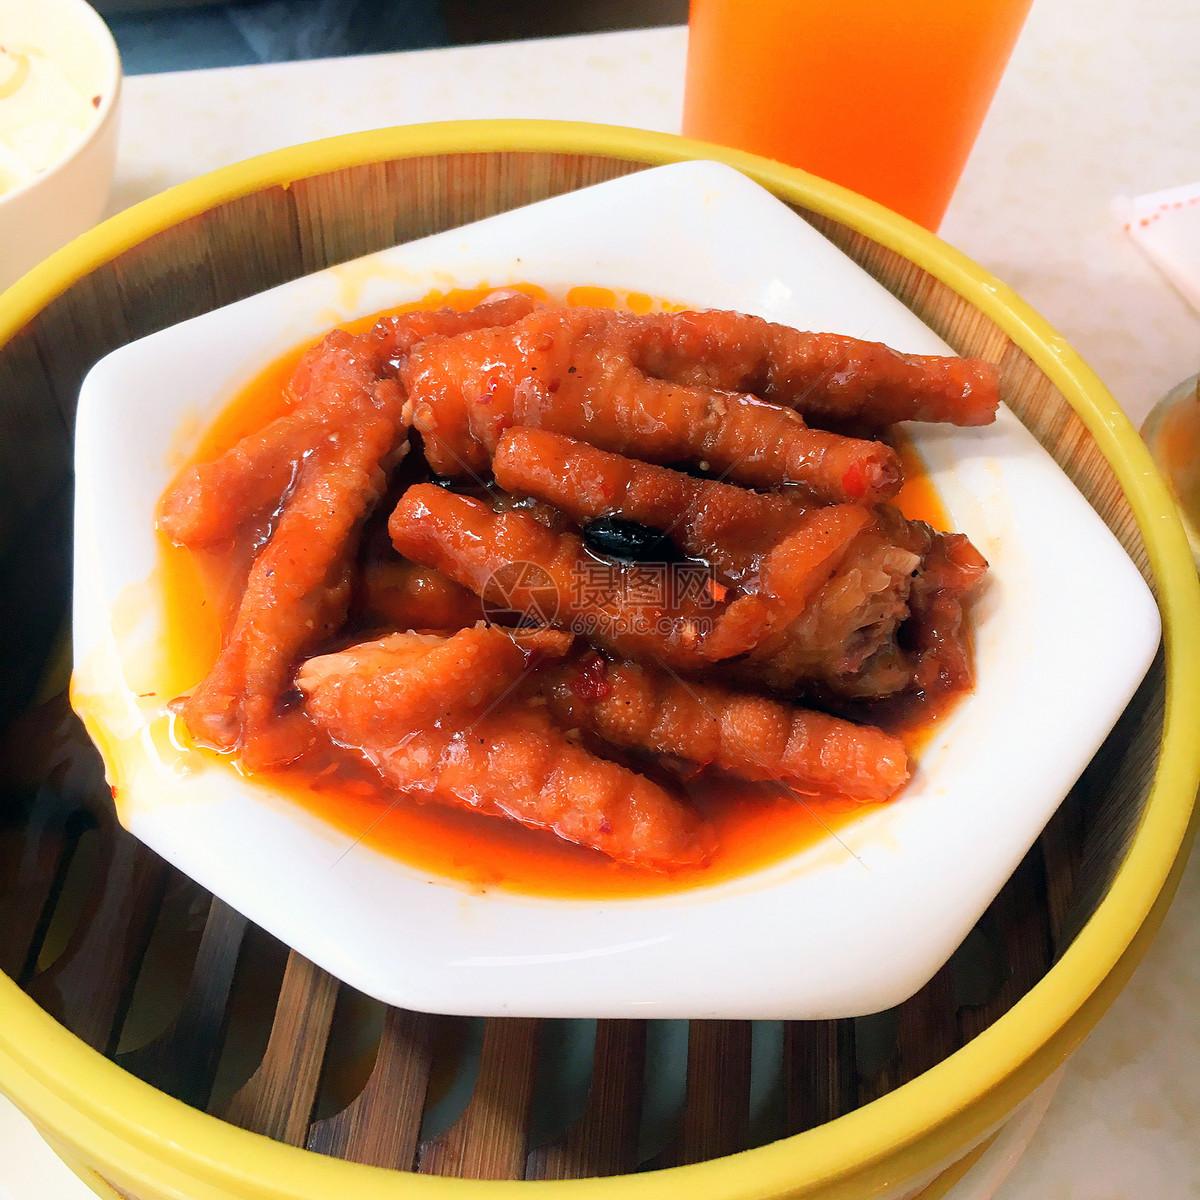 唯美图片 餐饮美食 港式早茶jpg  分享: qq好友 微信朋友圈 qq空间图片